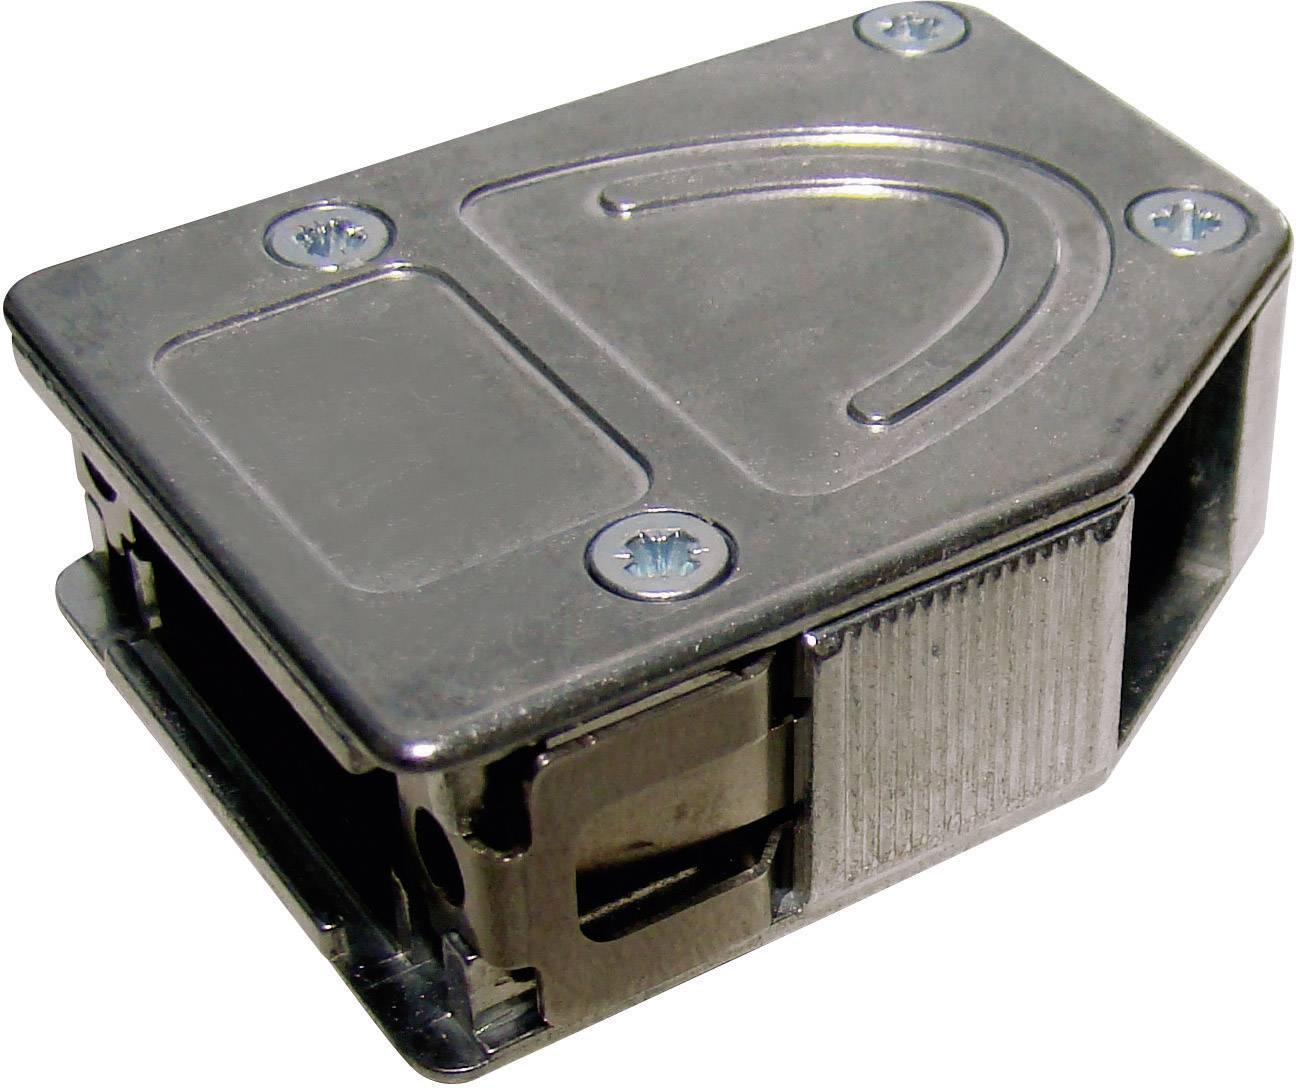 D-SUB pouzdro Provertha 10415DC001 10415DC001, pólů 15, kov, 180 °, 45 °, 45 °, stříbrná, 1 ks